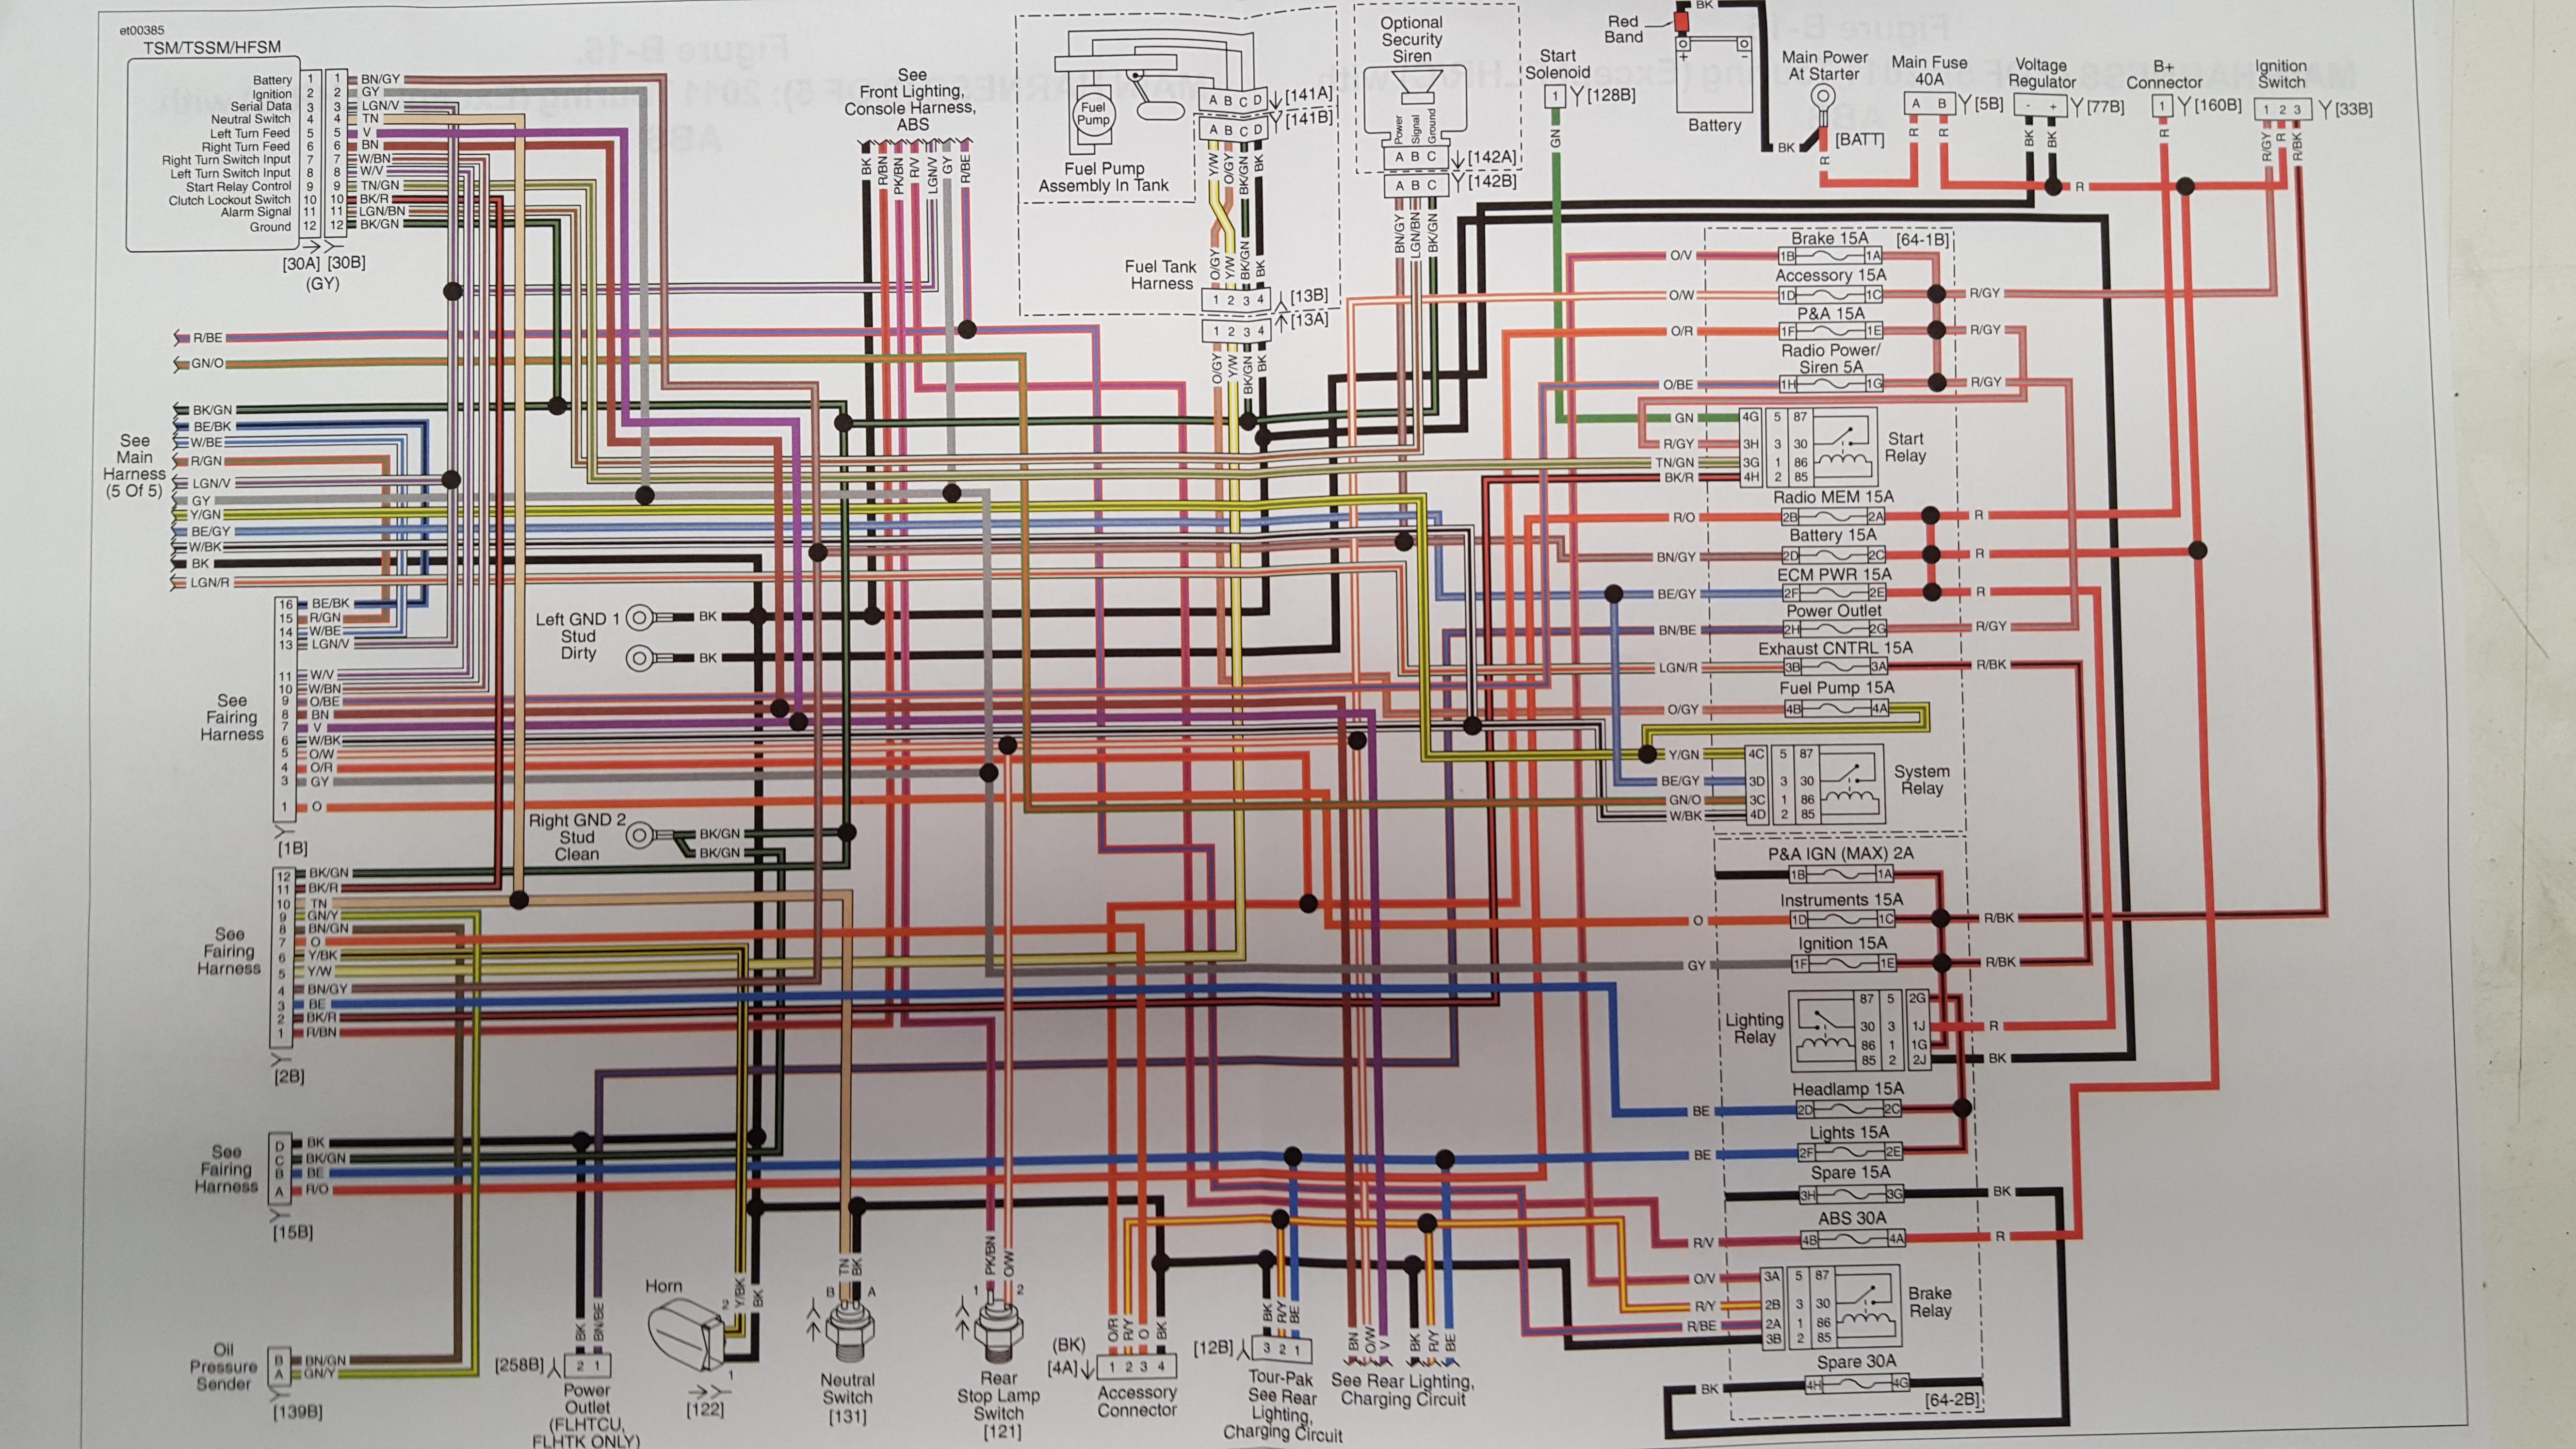 harley accessory plug wiring diagram inspirational wiring diagram harley  wiring schematics harley davidson engine wiring diagram